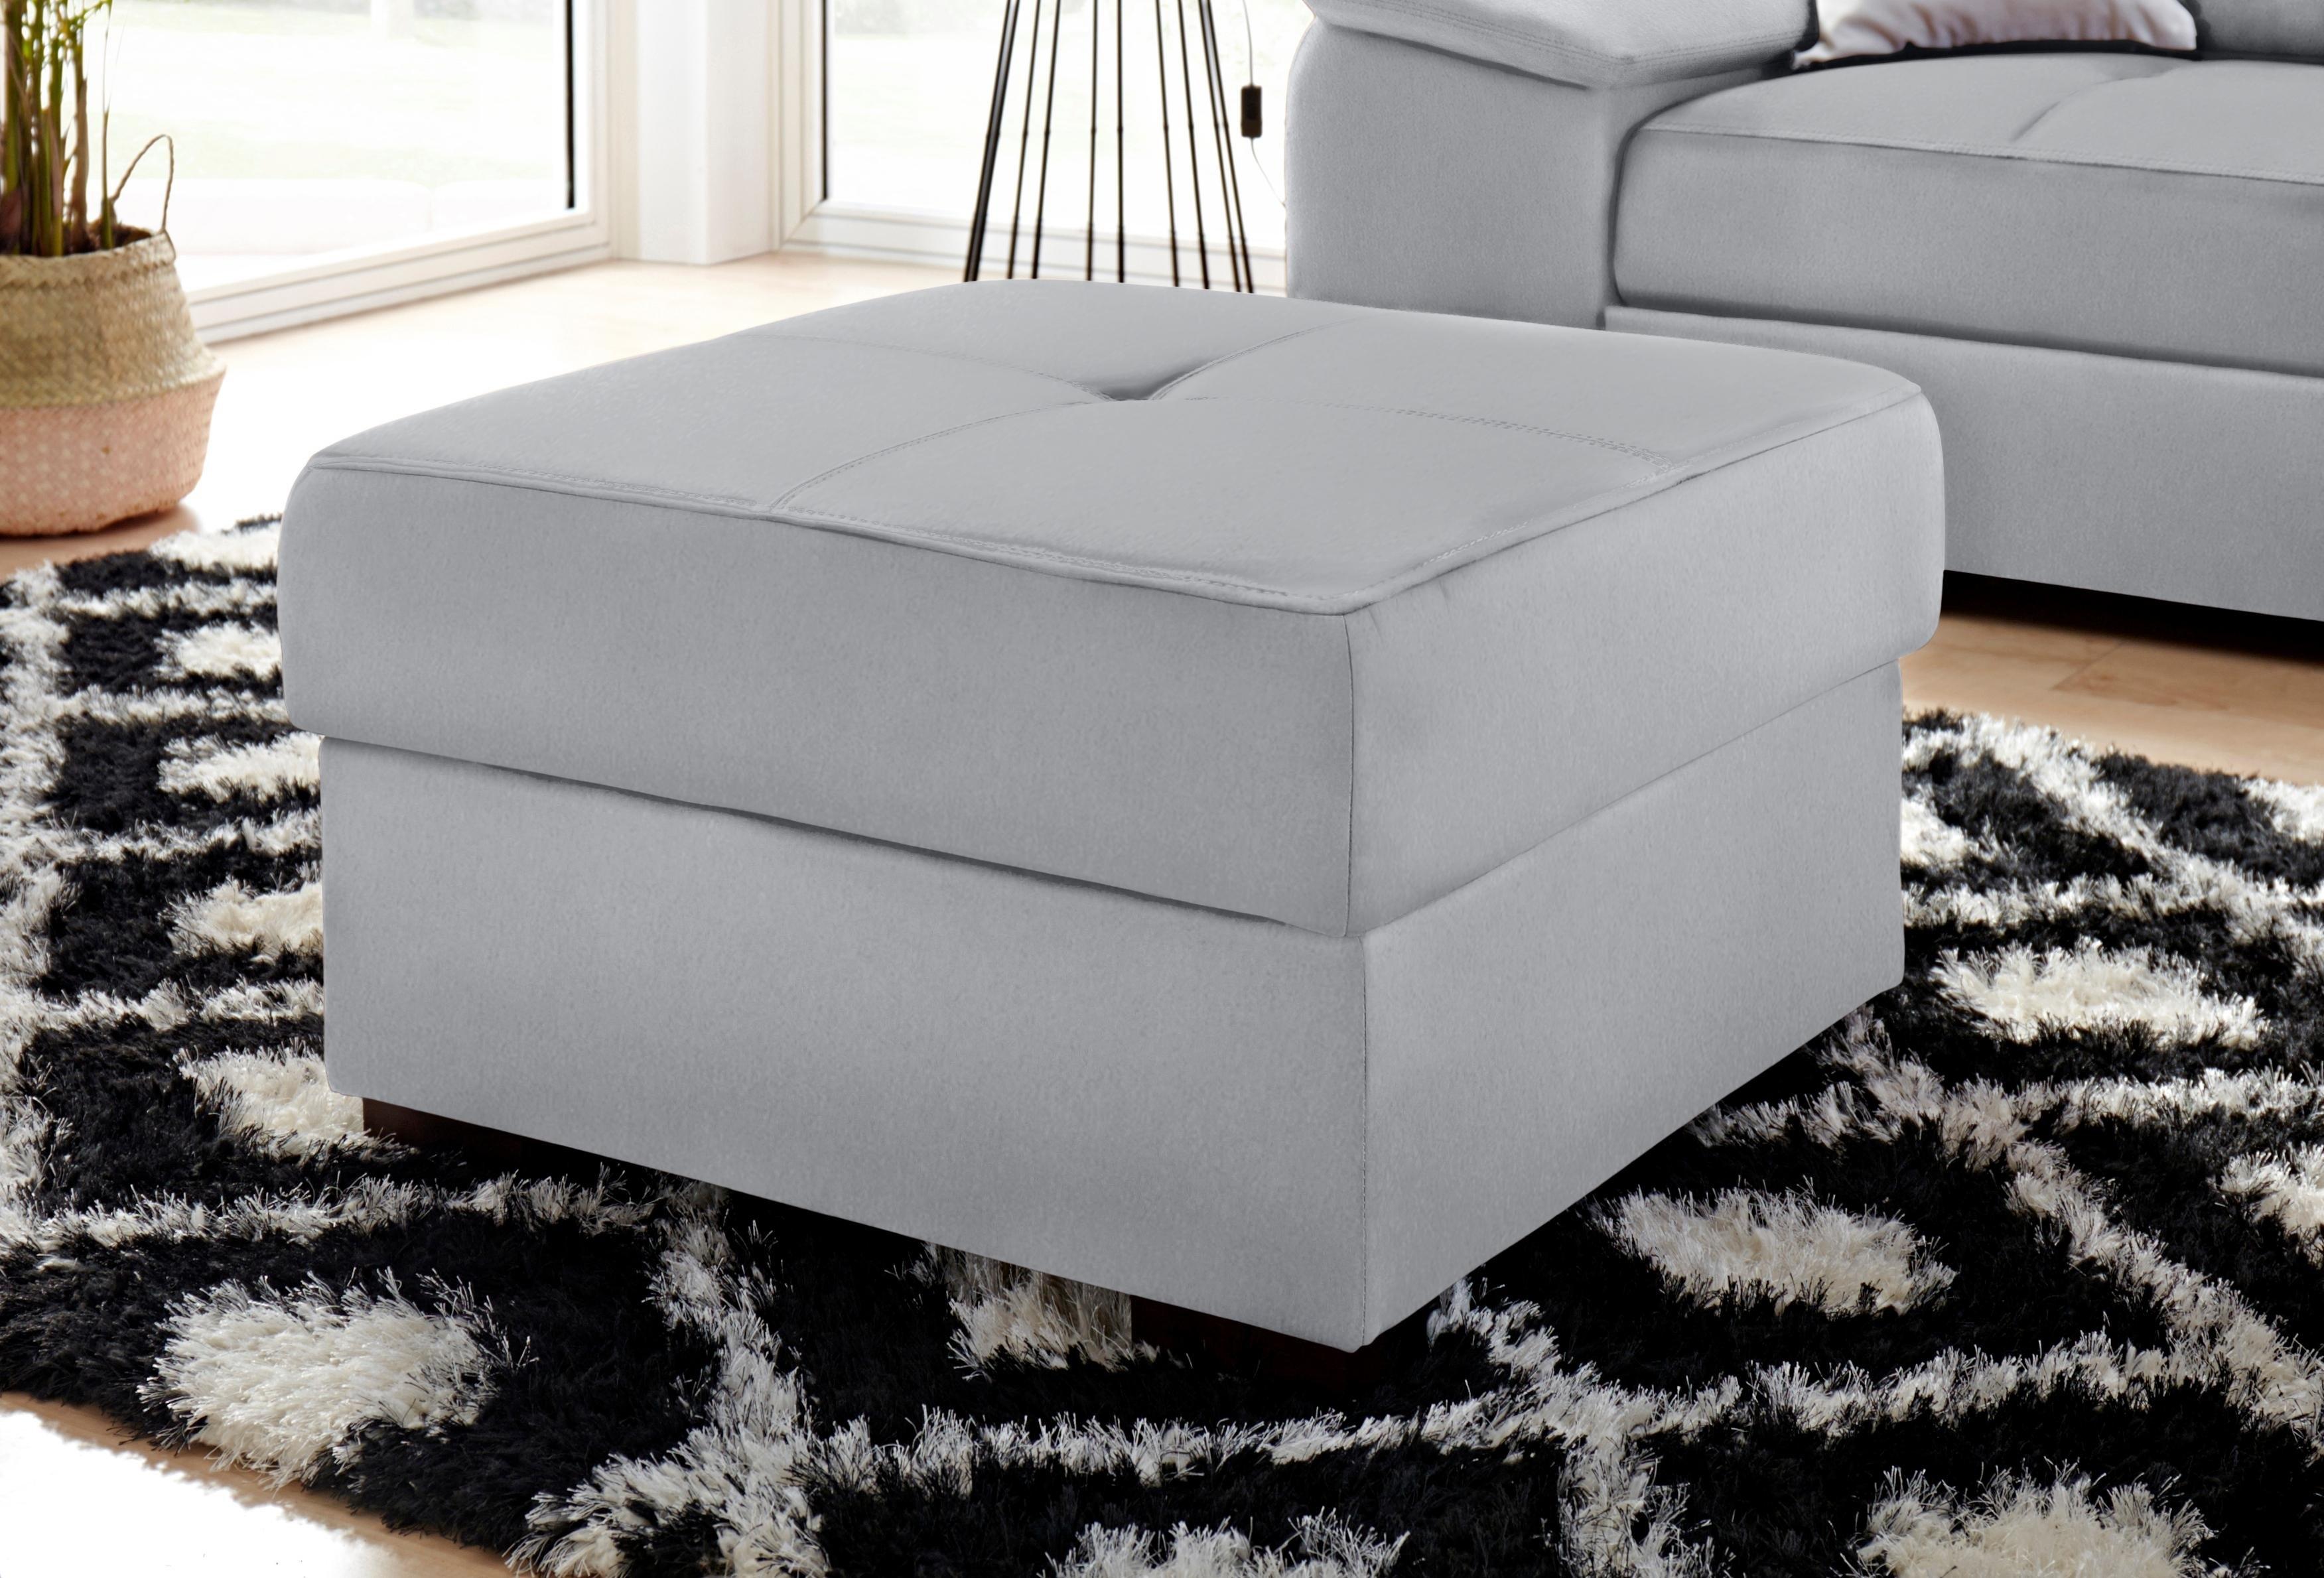 Op zoek naar een exxpo - sofa fashion hocker? Koop online bij OTTO